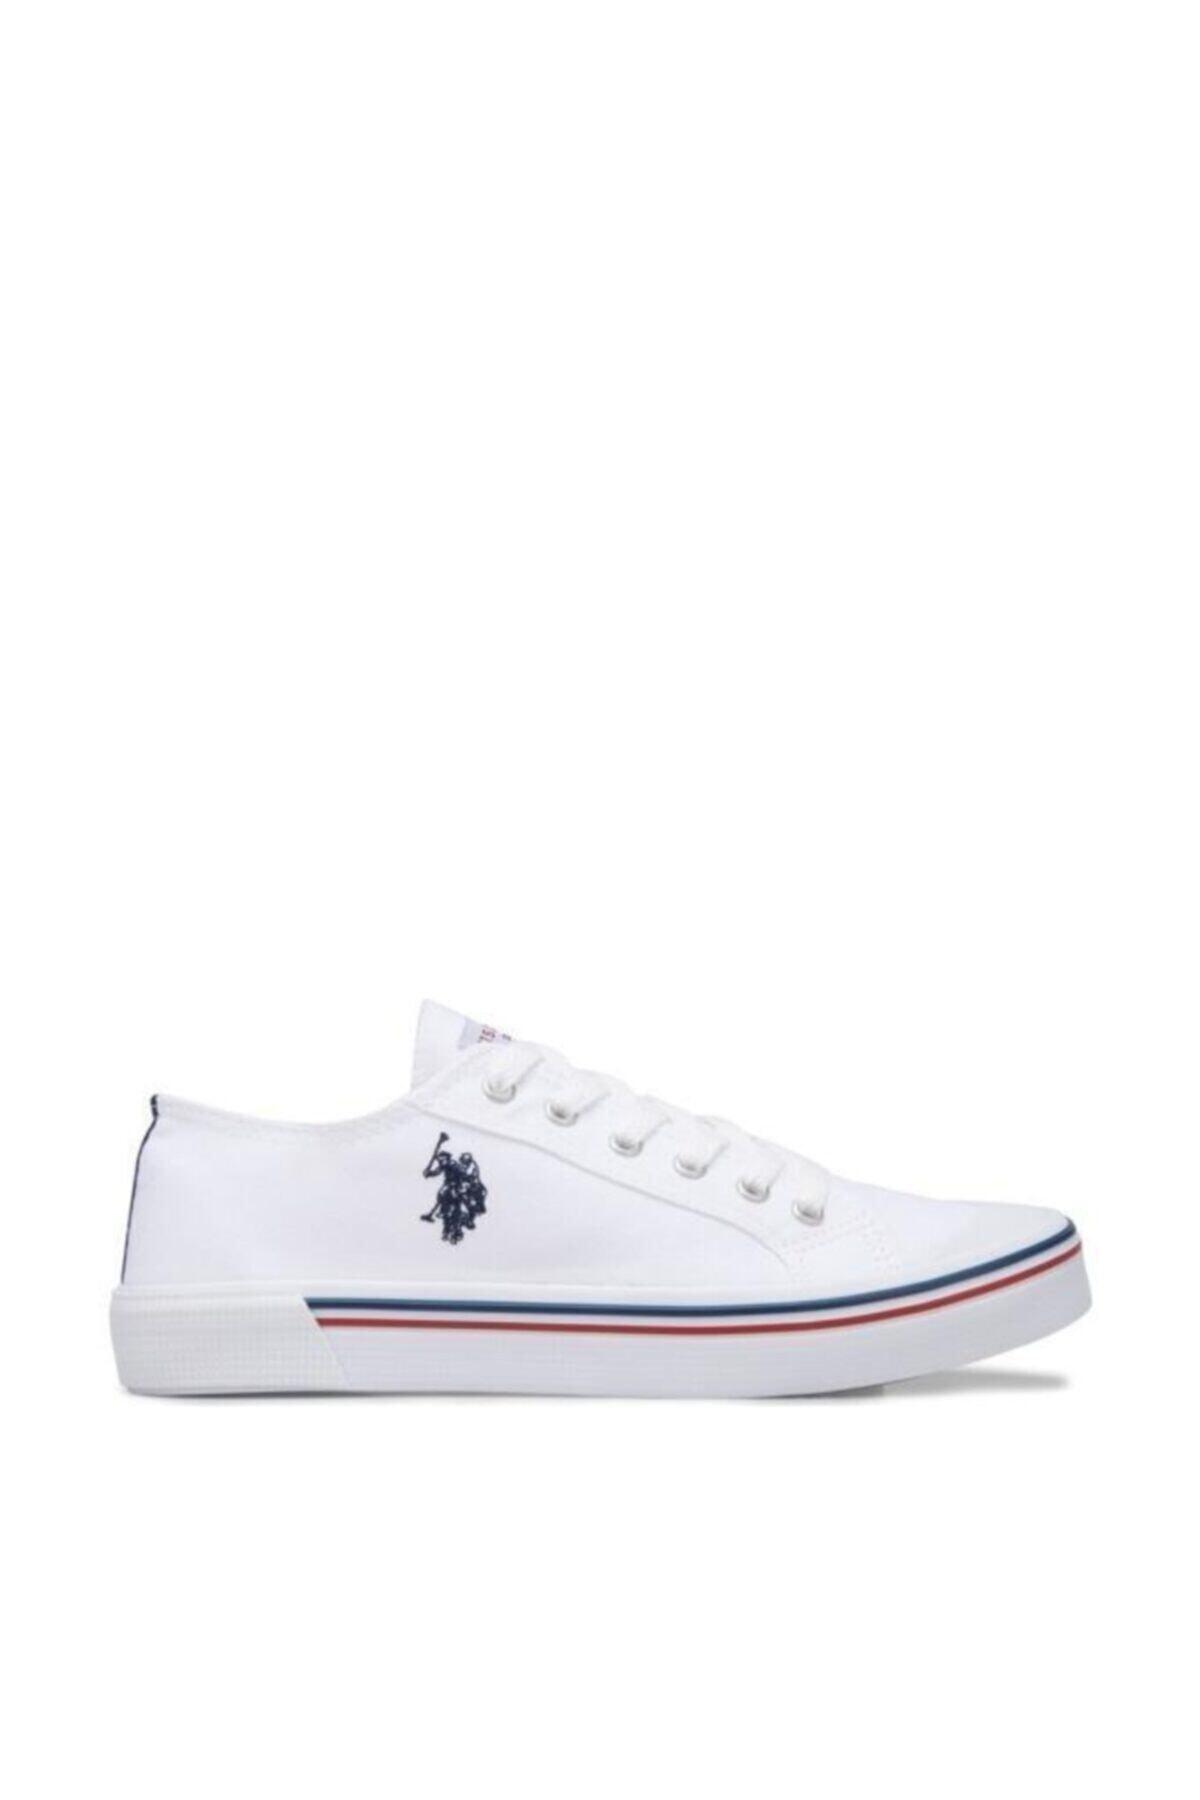 U.S. Polo Assn. PENELOPE Beyaz Erkek Sneaker 100248650 1